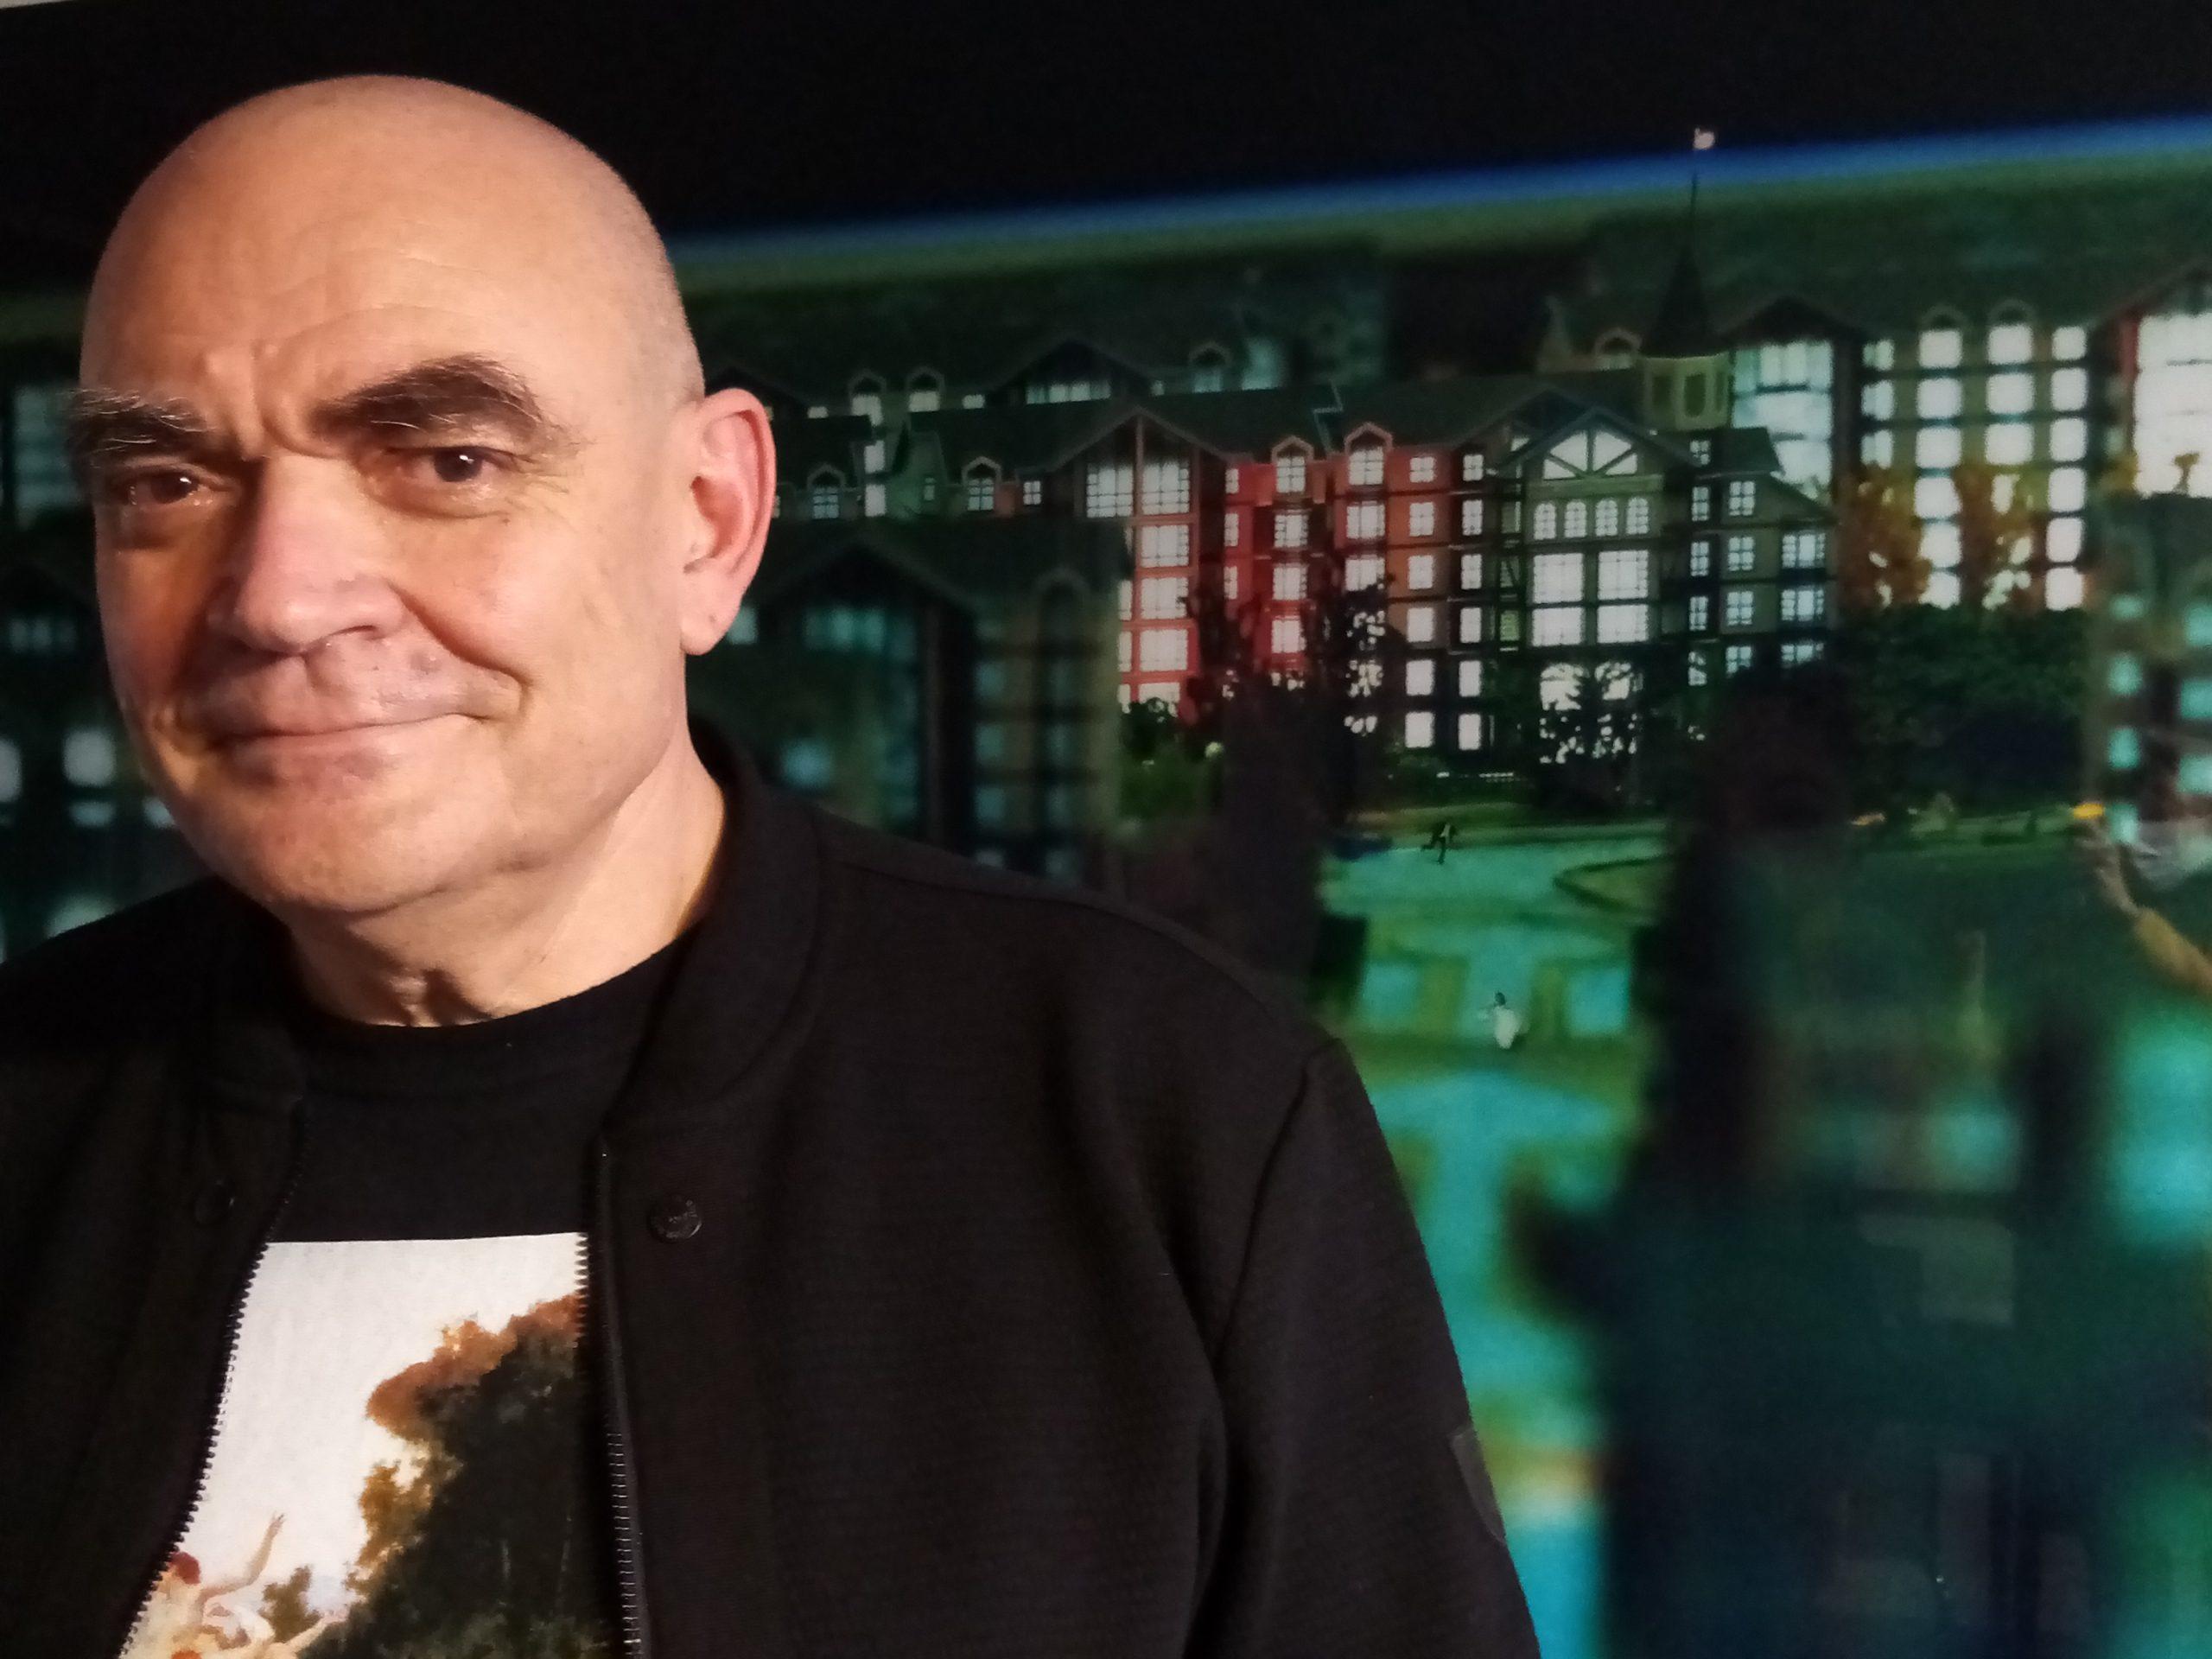 Brice Fauché devant une oeuvre photographique de l'artiste DAN WEN 2007